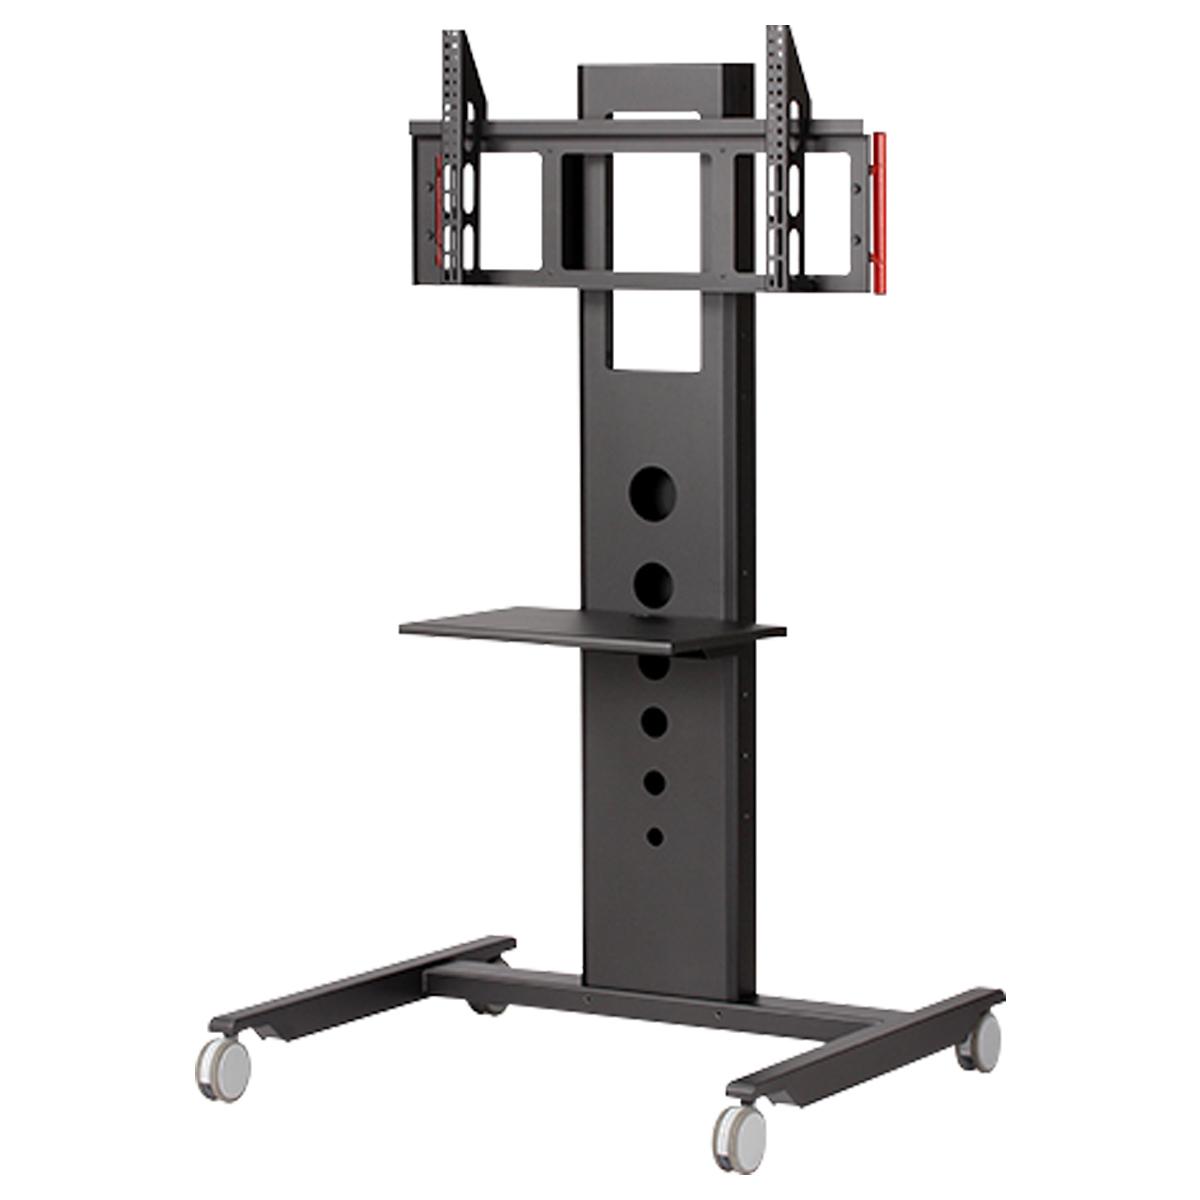 モニタワー ラージタイプ W1000 D850 H1660 ブラック オフィスアクセサリー ディスプレイスタンド テレビ台 オーディオラック ディスプレイ スタンド オフィス